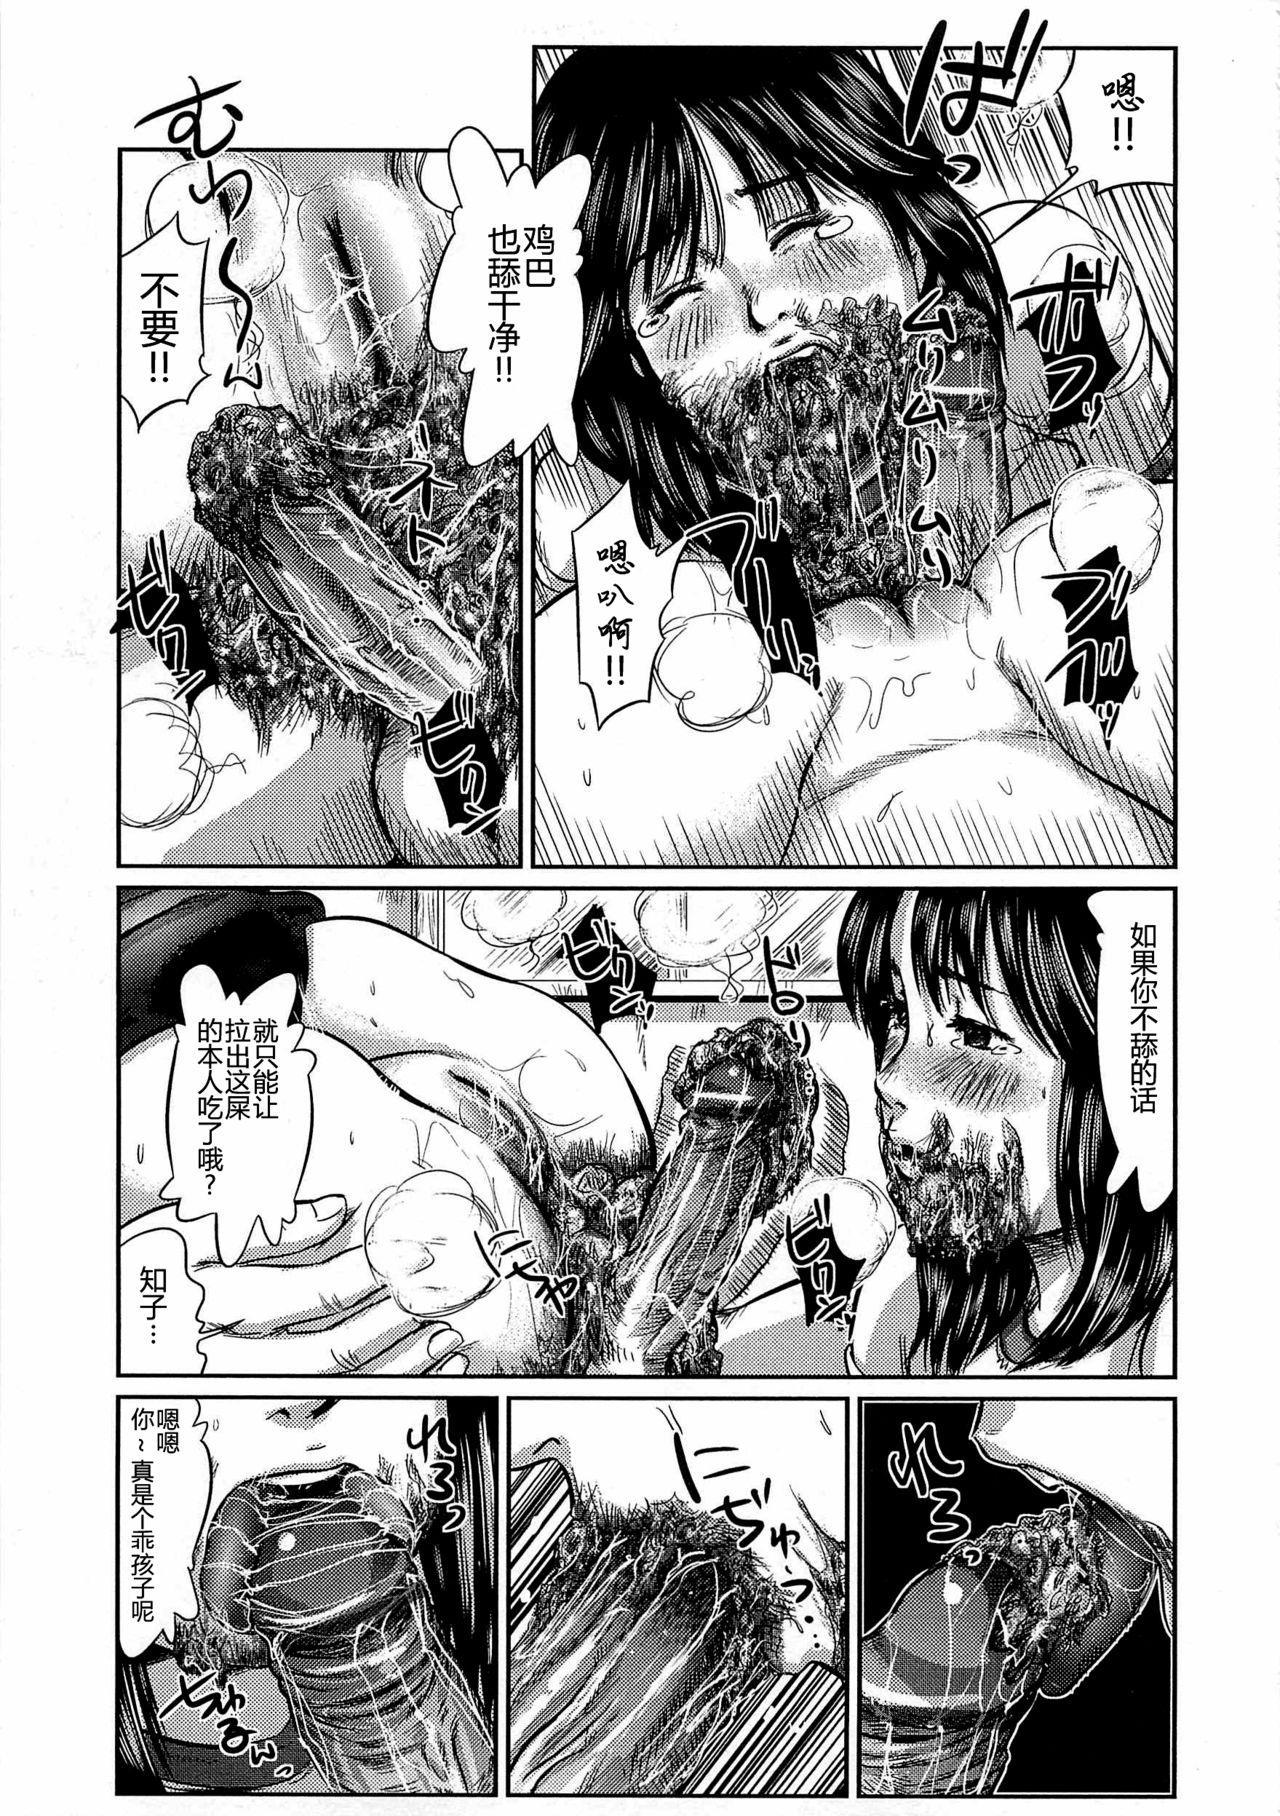 Daisenkou ~ Shin Dokuhime no Mitsu 56